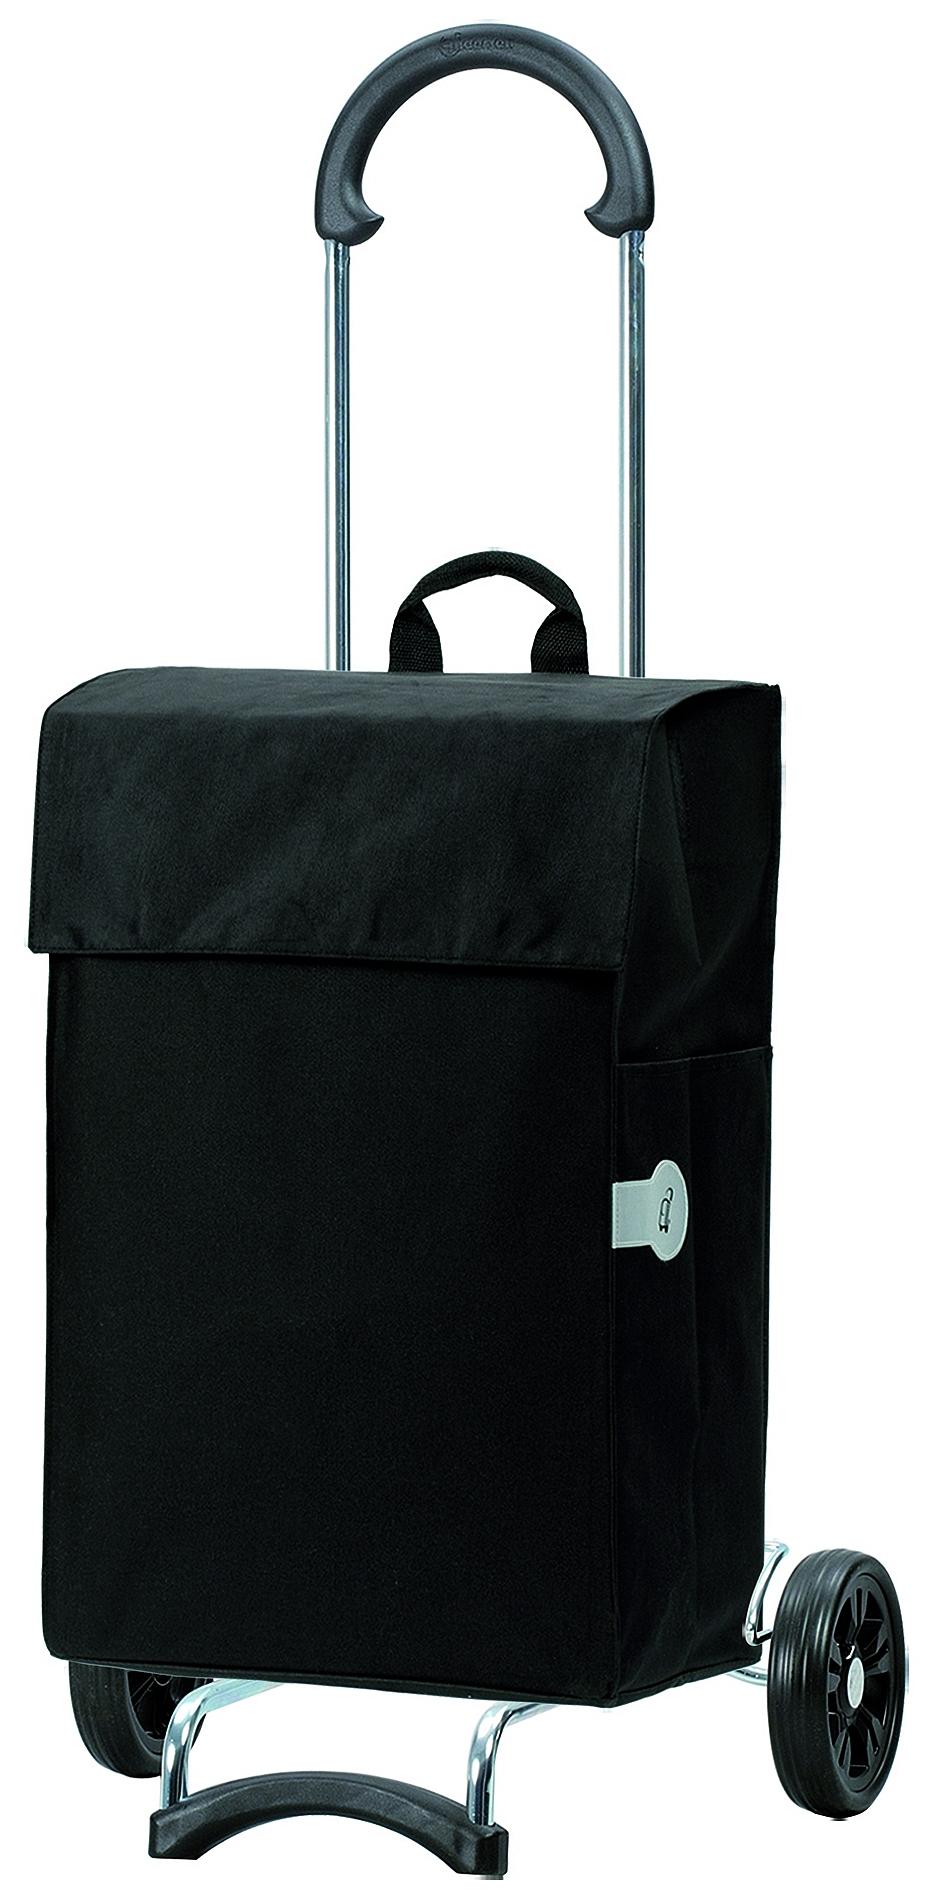 Andersen Nákupní taška na kolečkách SCALA SHOPPER® HERA 112-004-80 černá